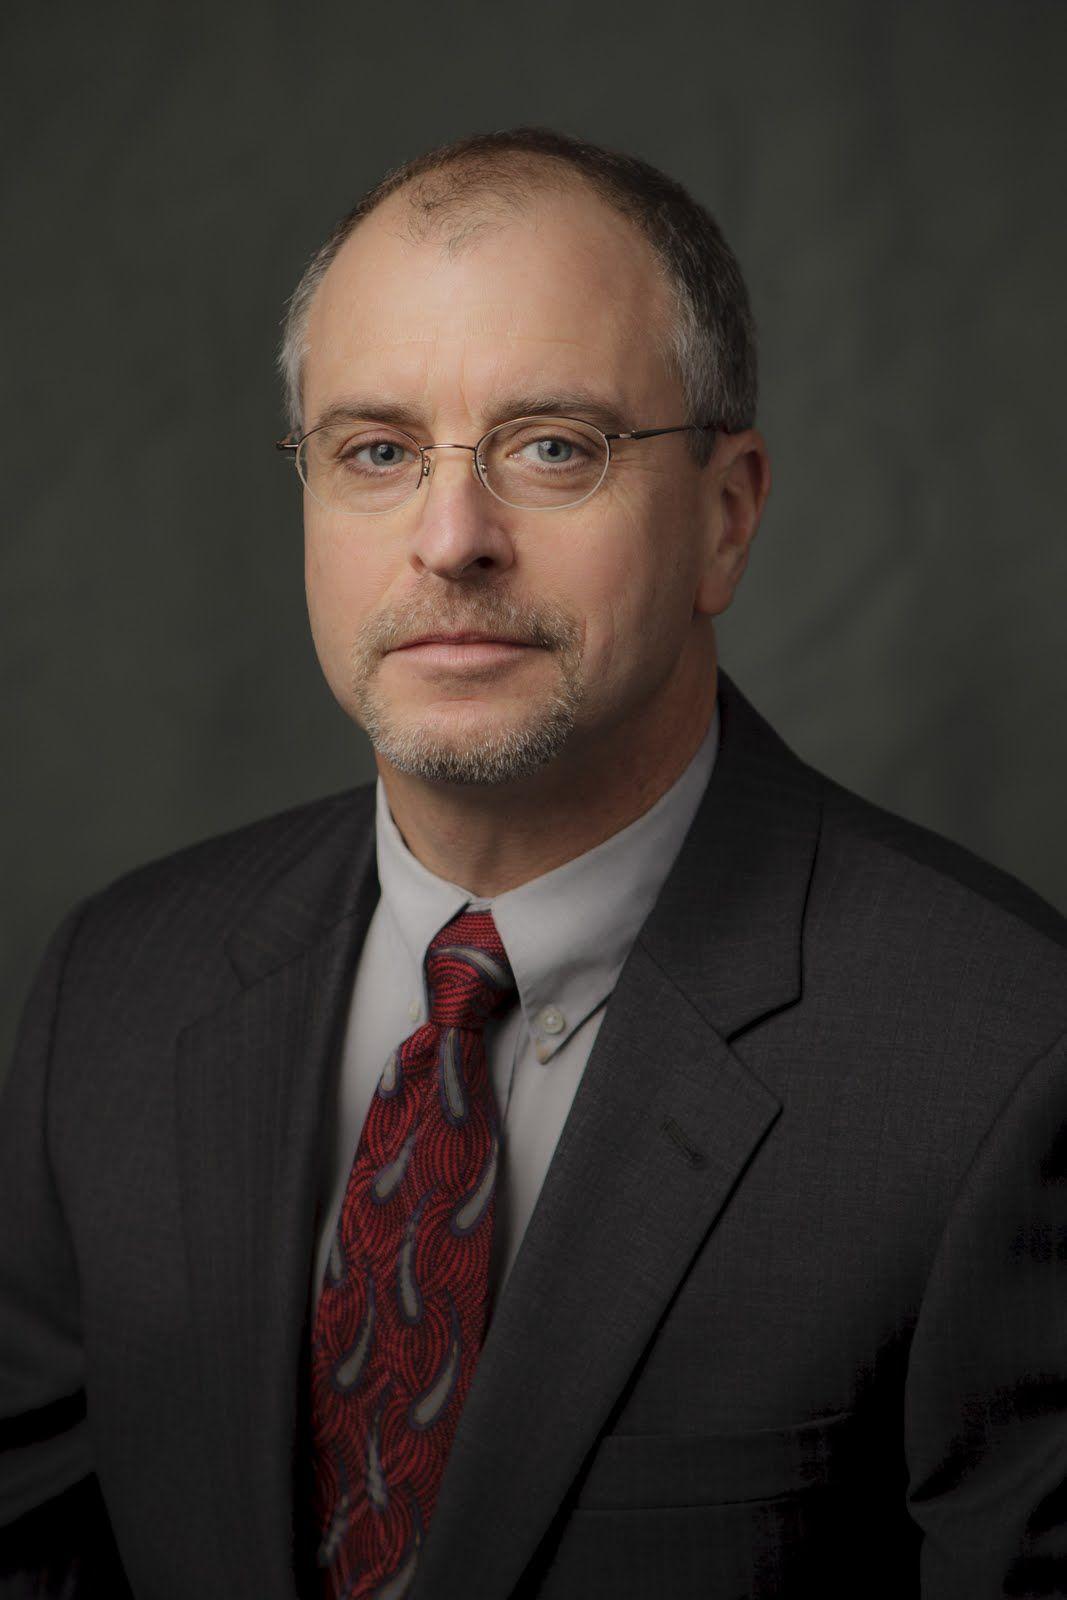 Dr. Richard Sause